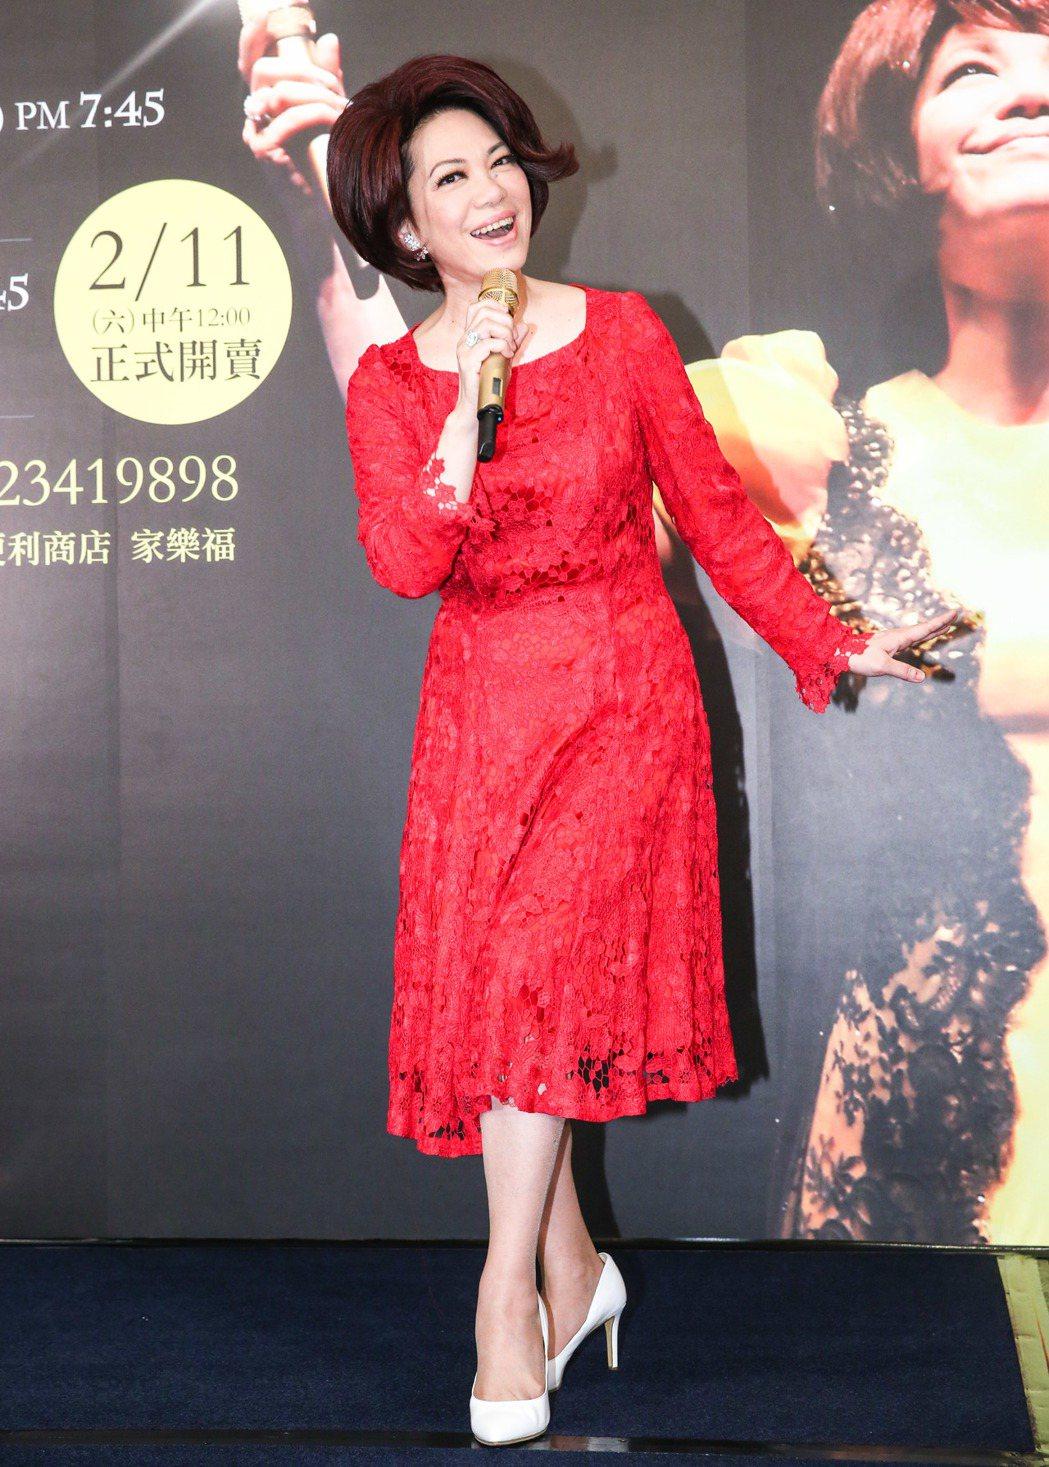 蔡琴將舉行「百萬精華」演唱會。記者鄭清元/攝影